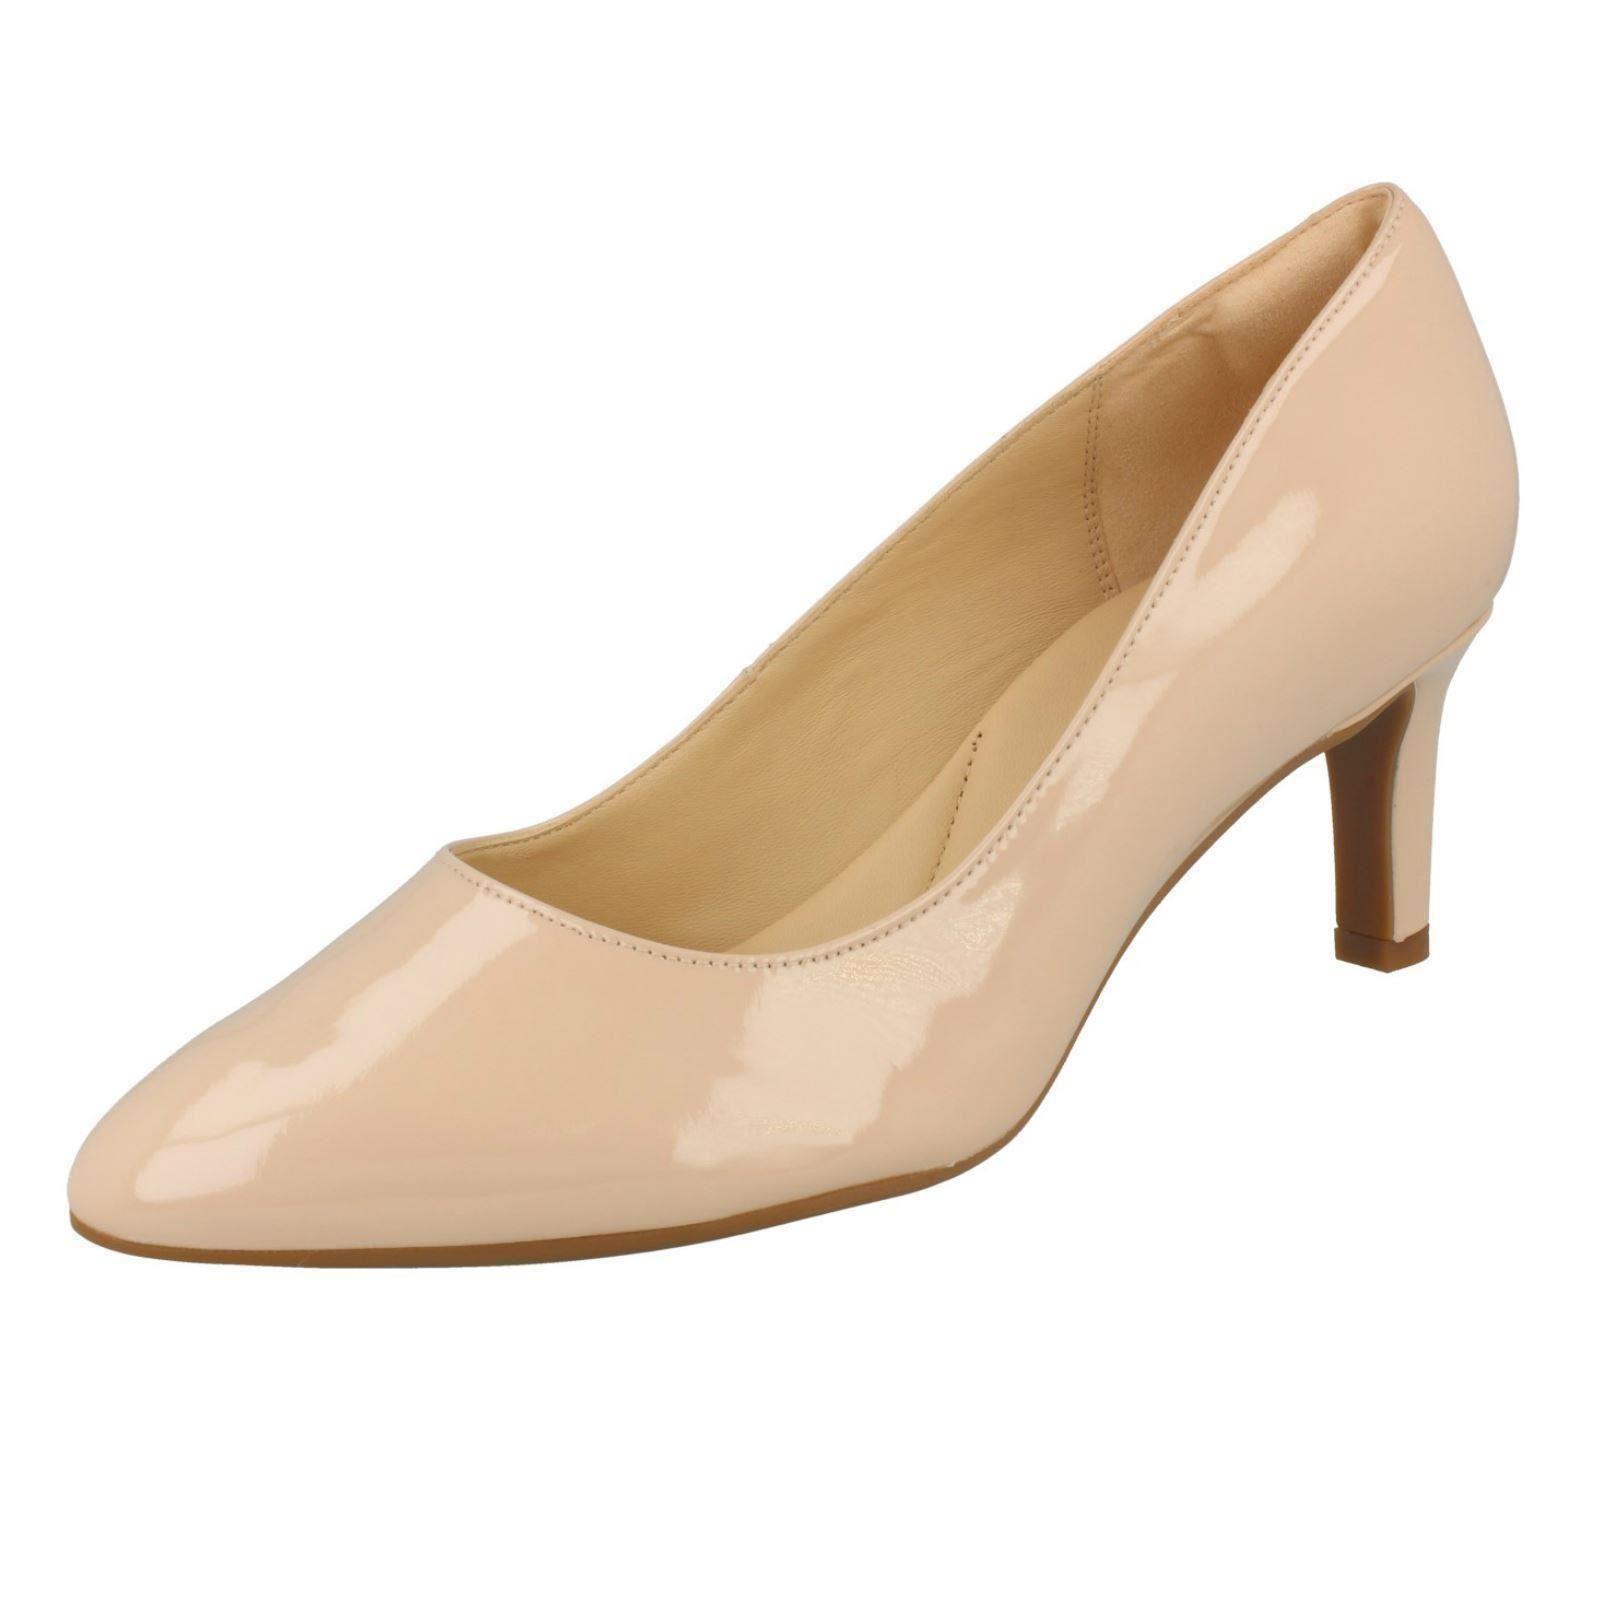 Textura ' Cala Zapatos Con Salón Mujer Clarks Rosa De OqEwnY6